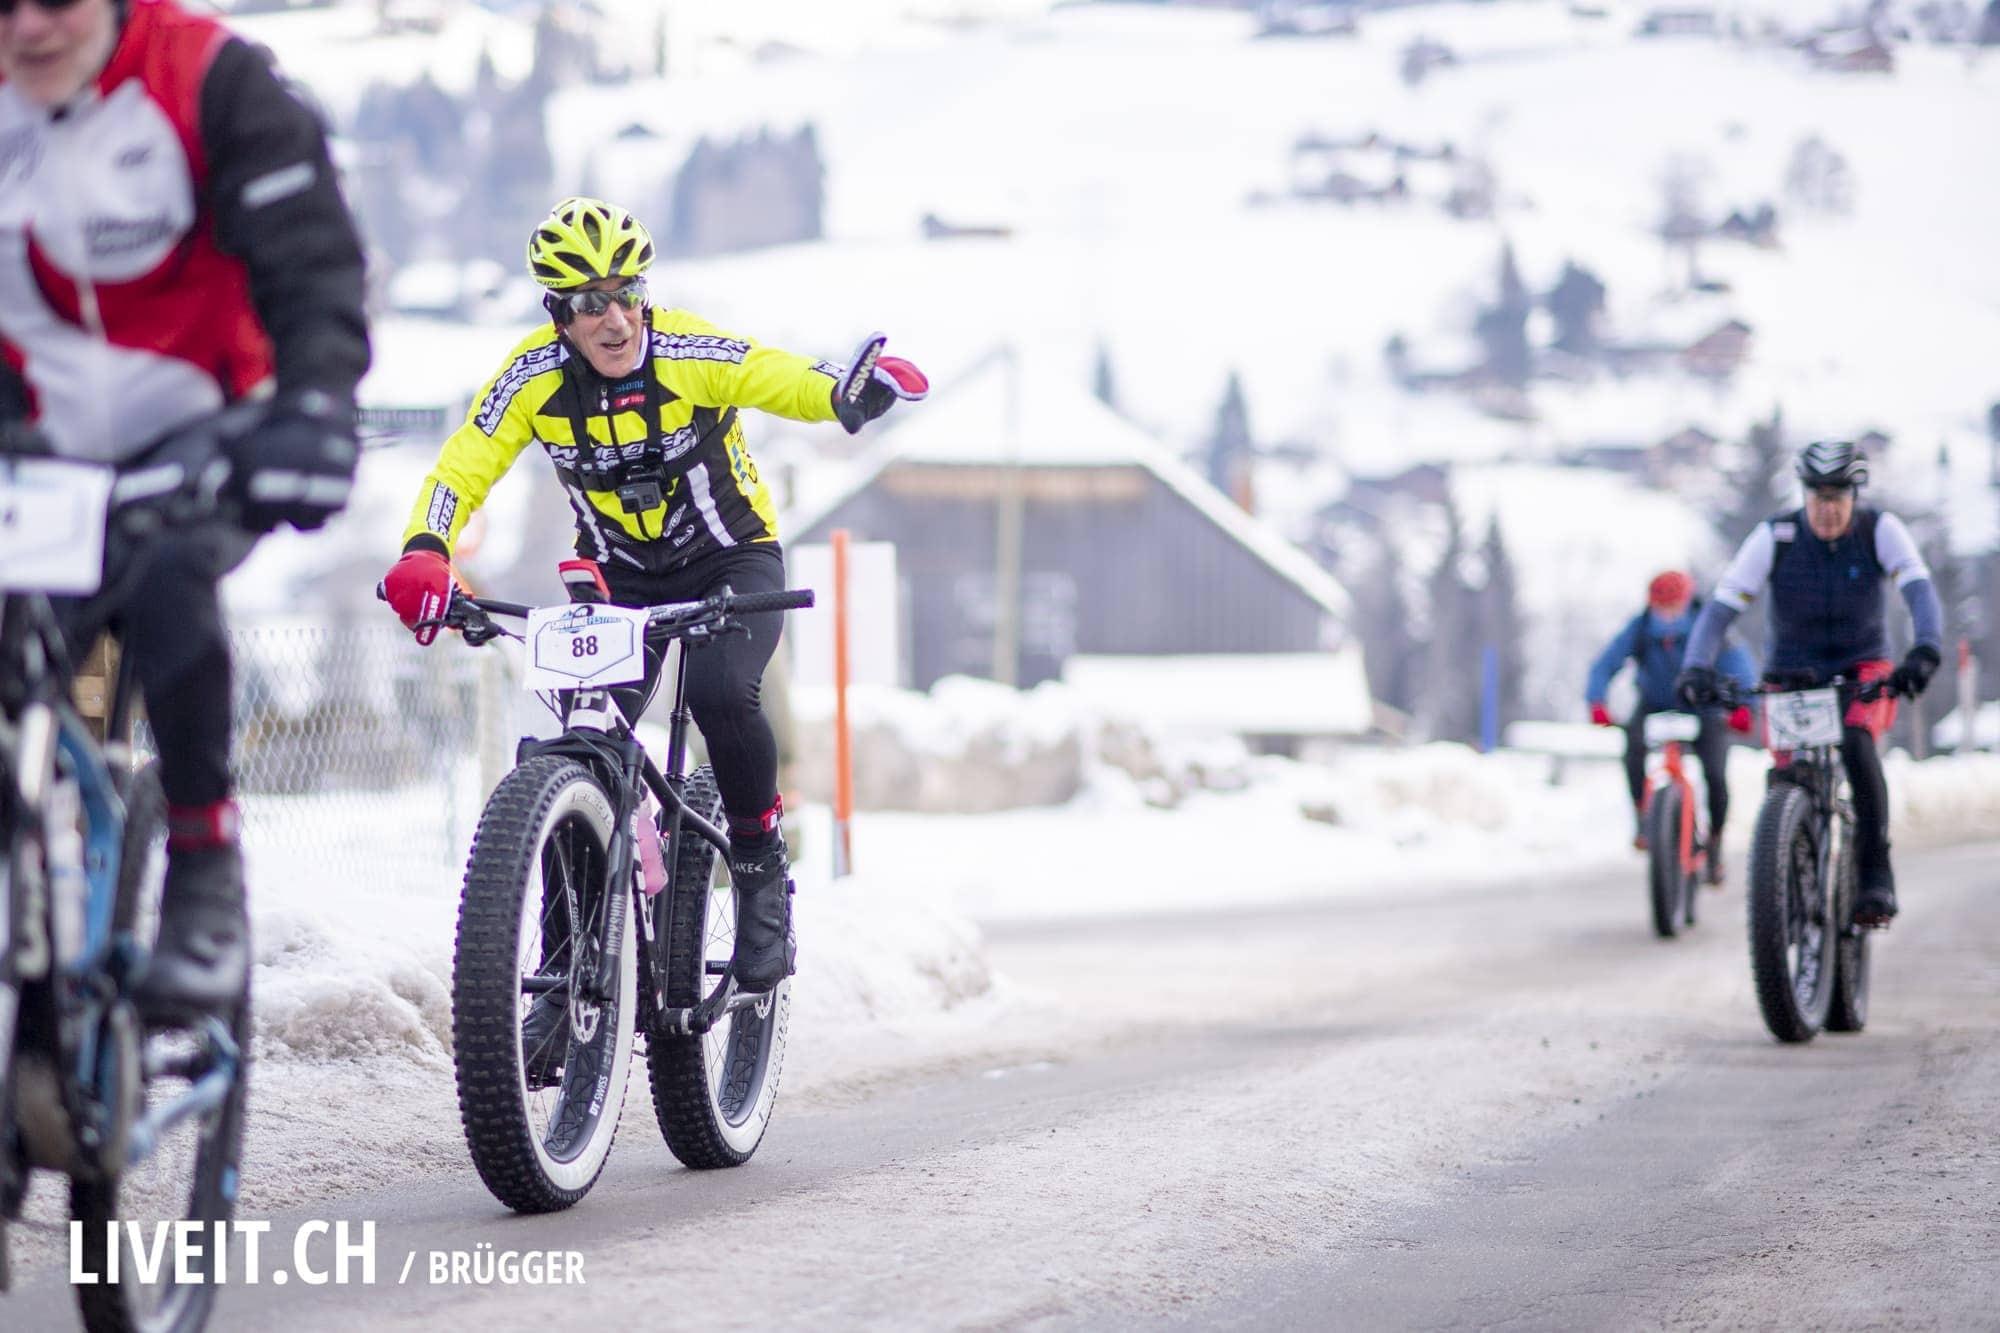 Das Snow Bike Festival gehört der UCI Rennserie an, 2. Etappe fotografiert am Samstag, 26. Januar 2019 in Gstaad. (Fotografiert von Dominic Bruegger für liveit.ch)